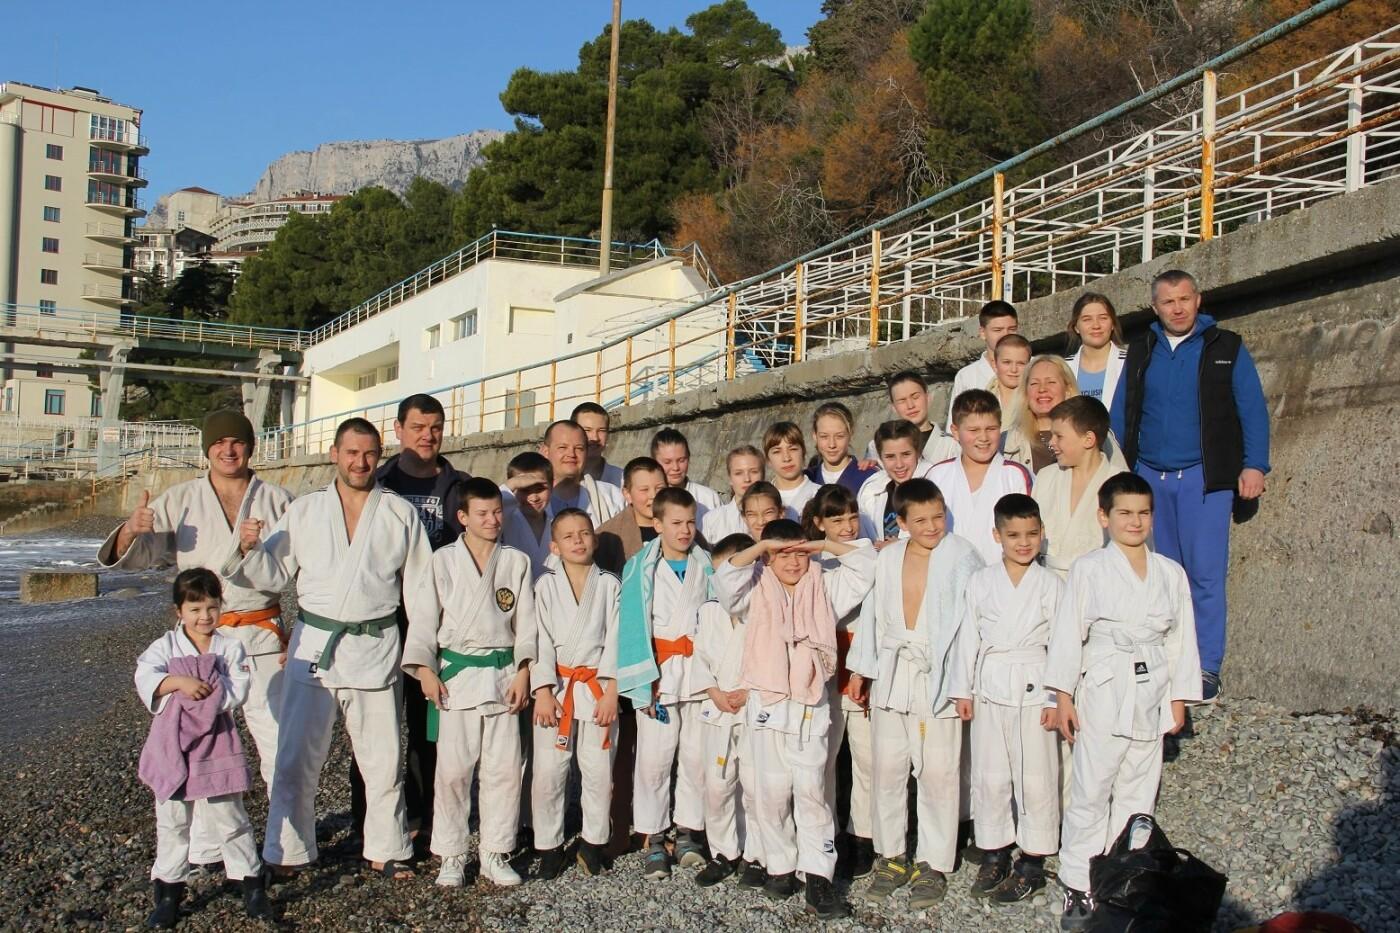 В Крещение юные дзюдоисты Ялты провели открытую тренировку и искупались в море, фото-1